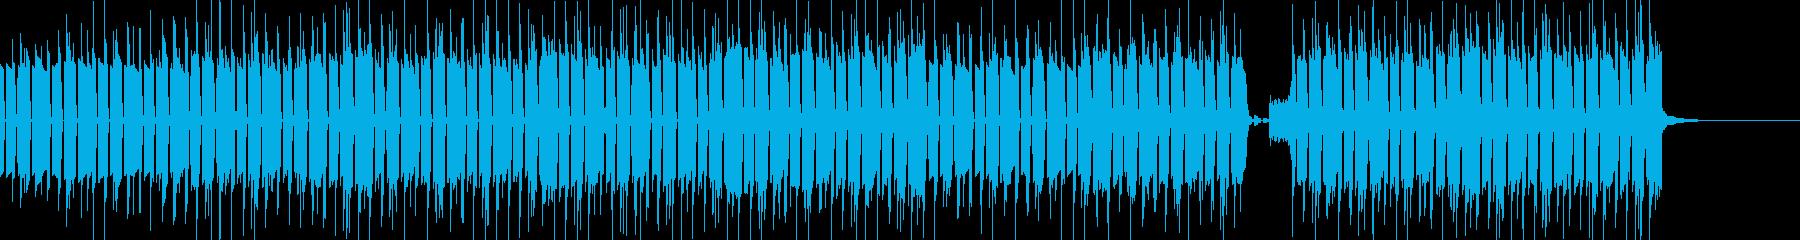 インストールやアップデート待ちの時間を…の再生済みの波形